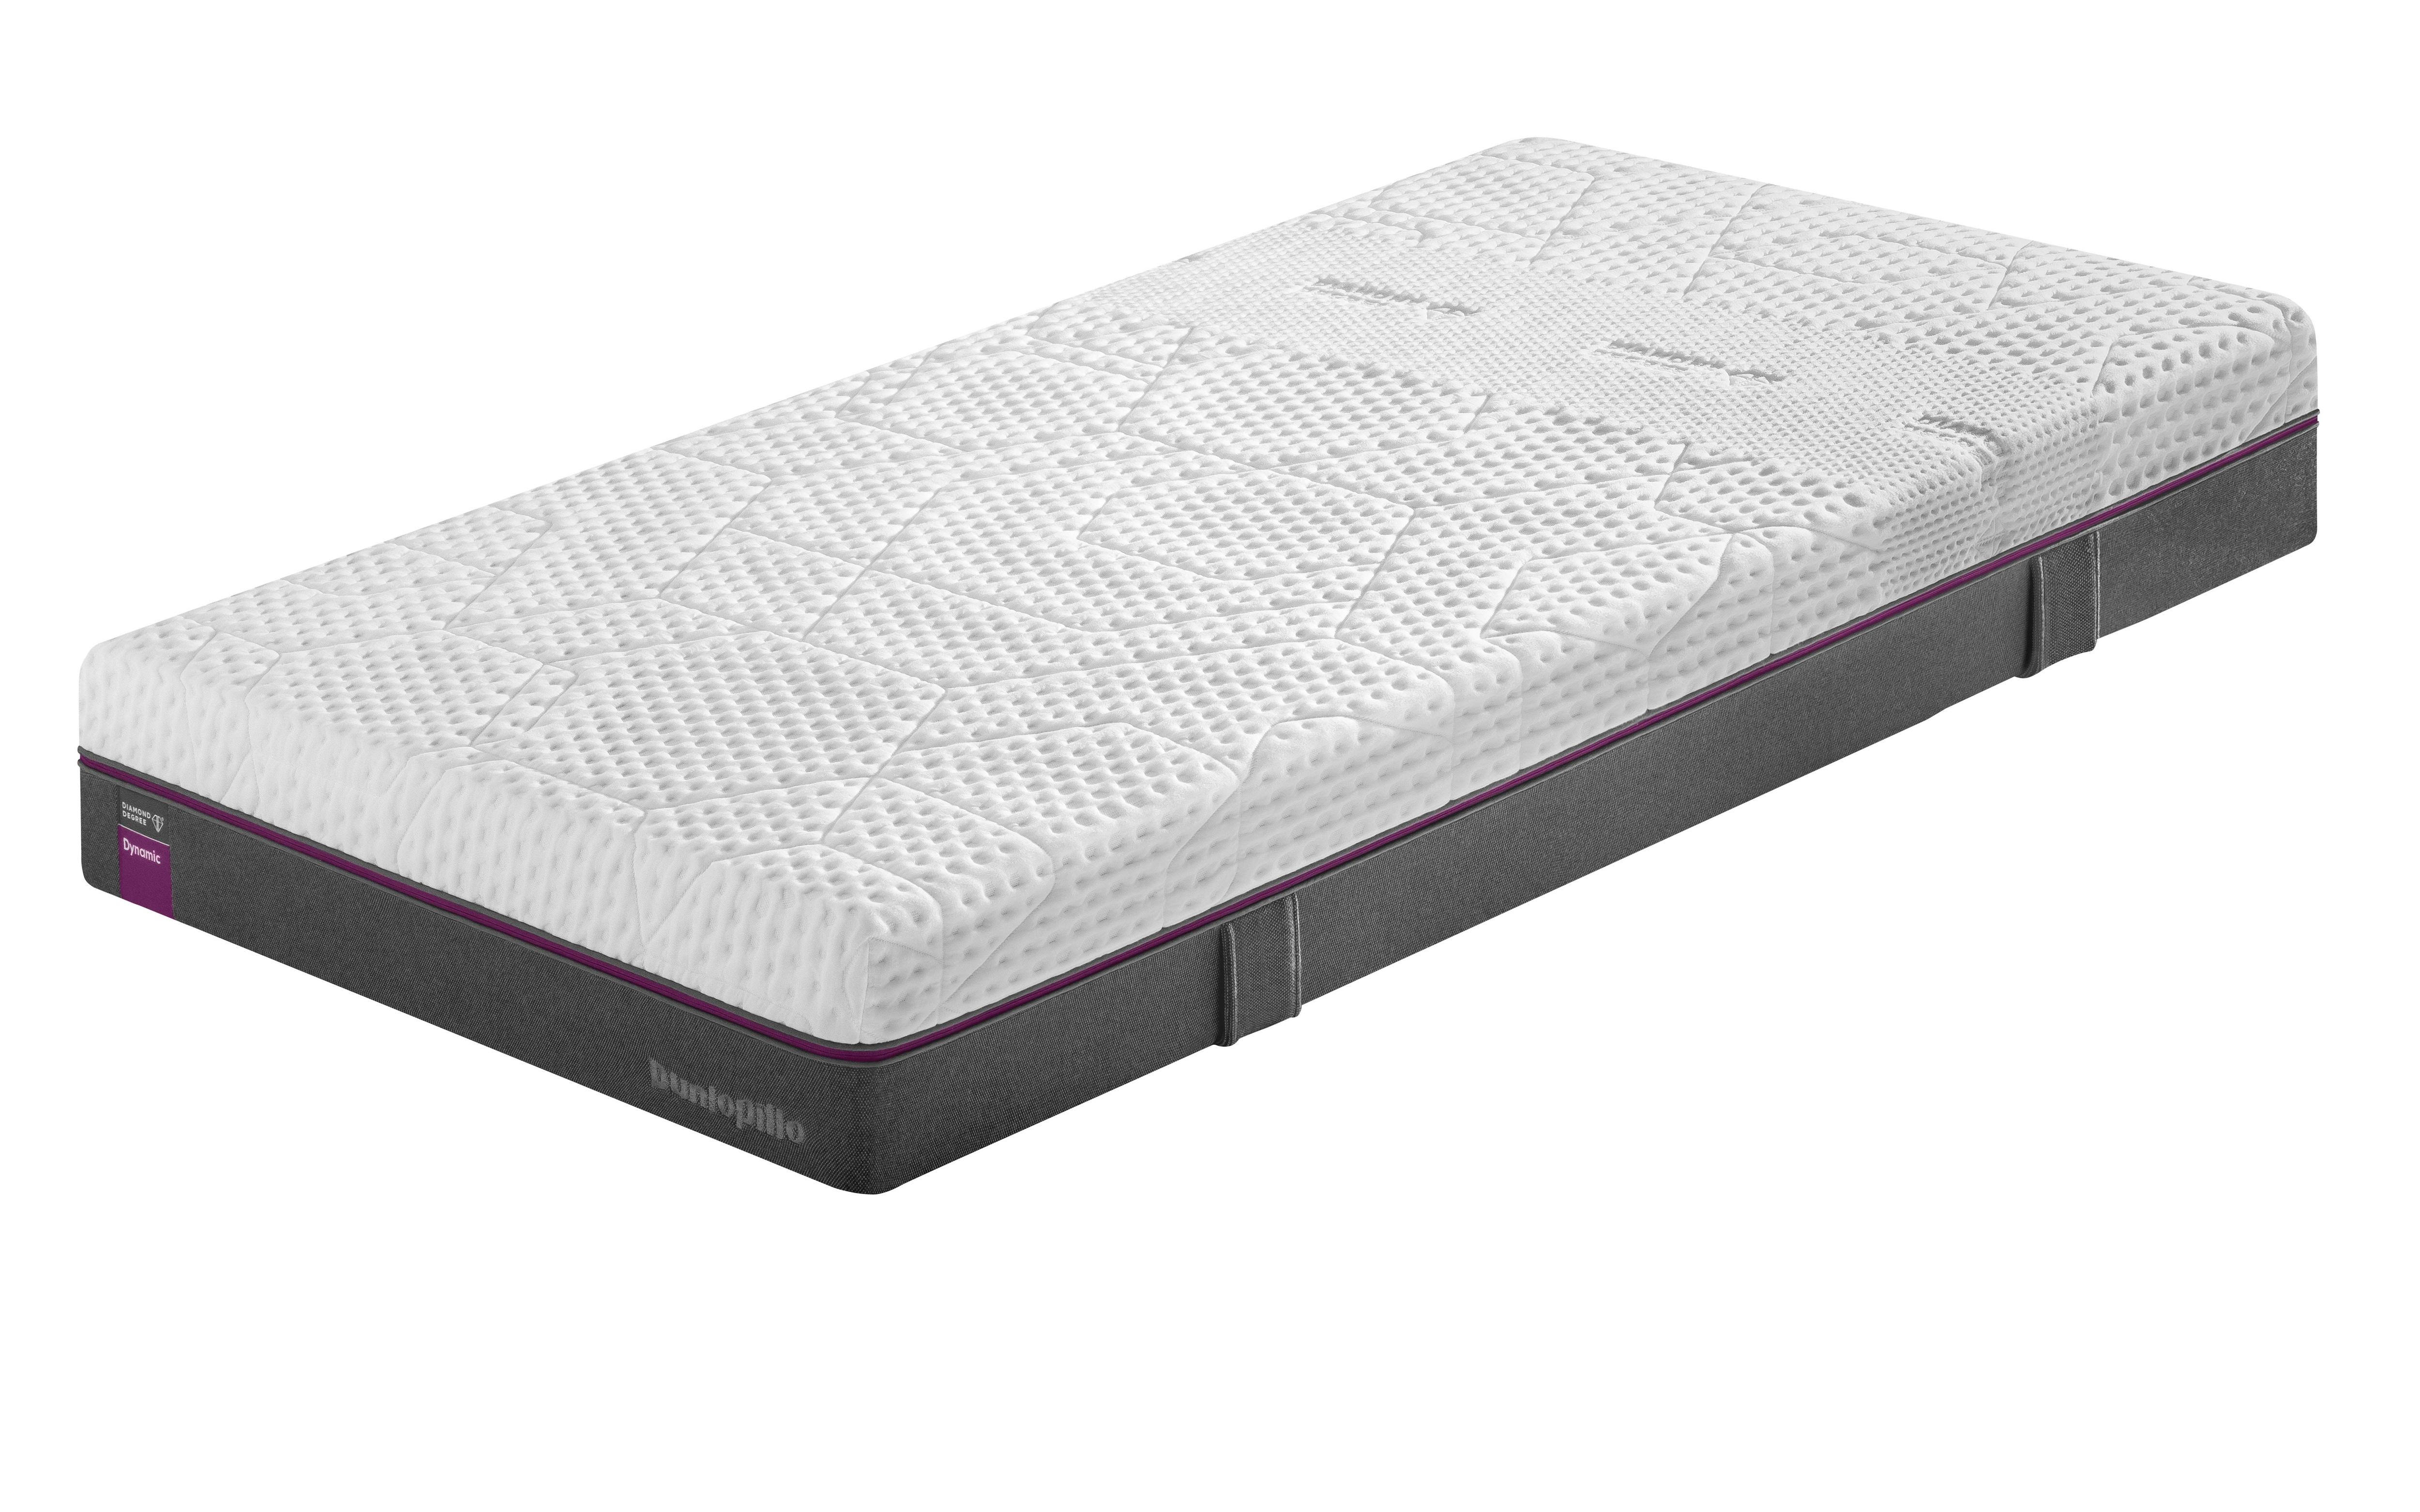 Taschenfederkernmatratze Diamond Degree Dynamic Dunlopillo 25 cm hoch